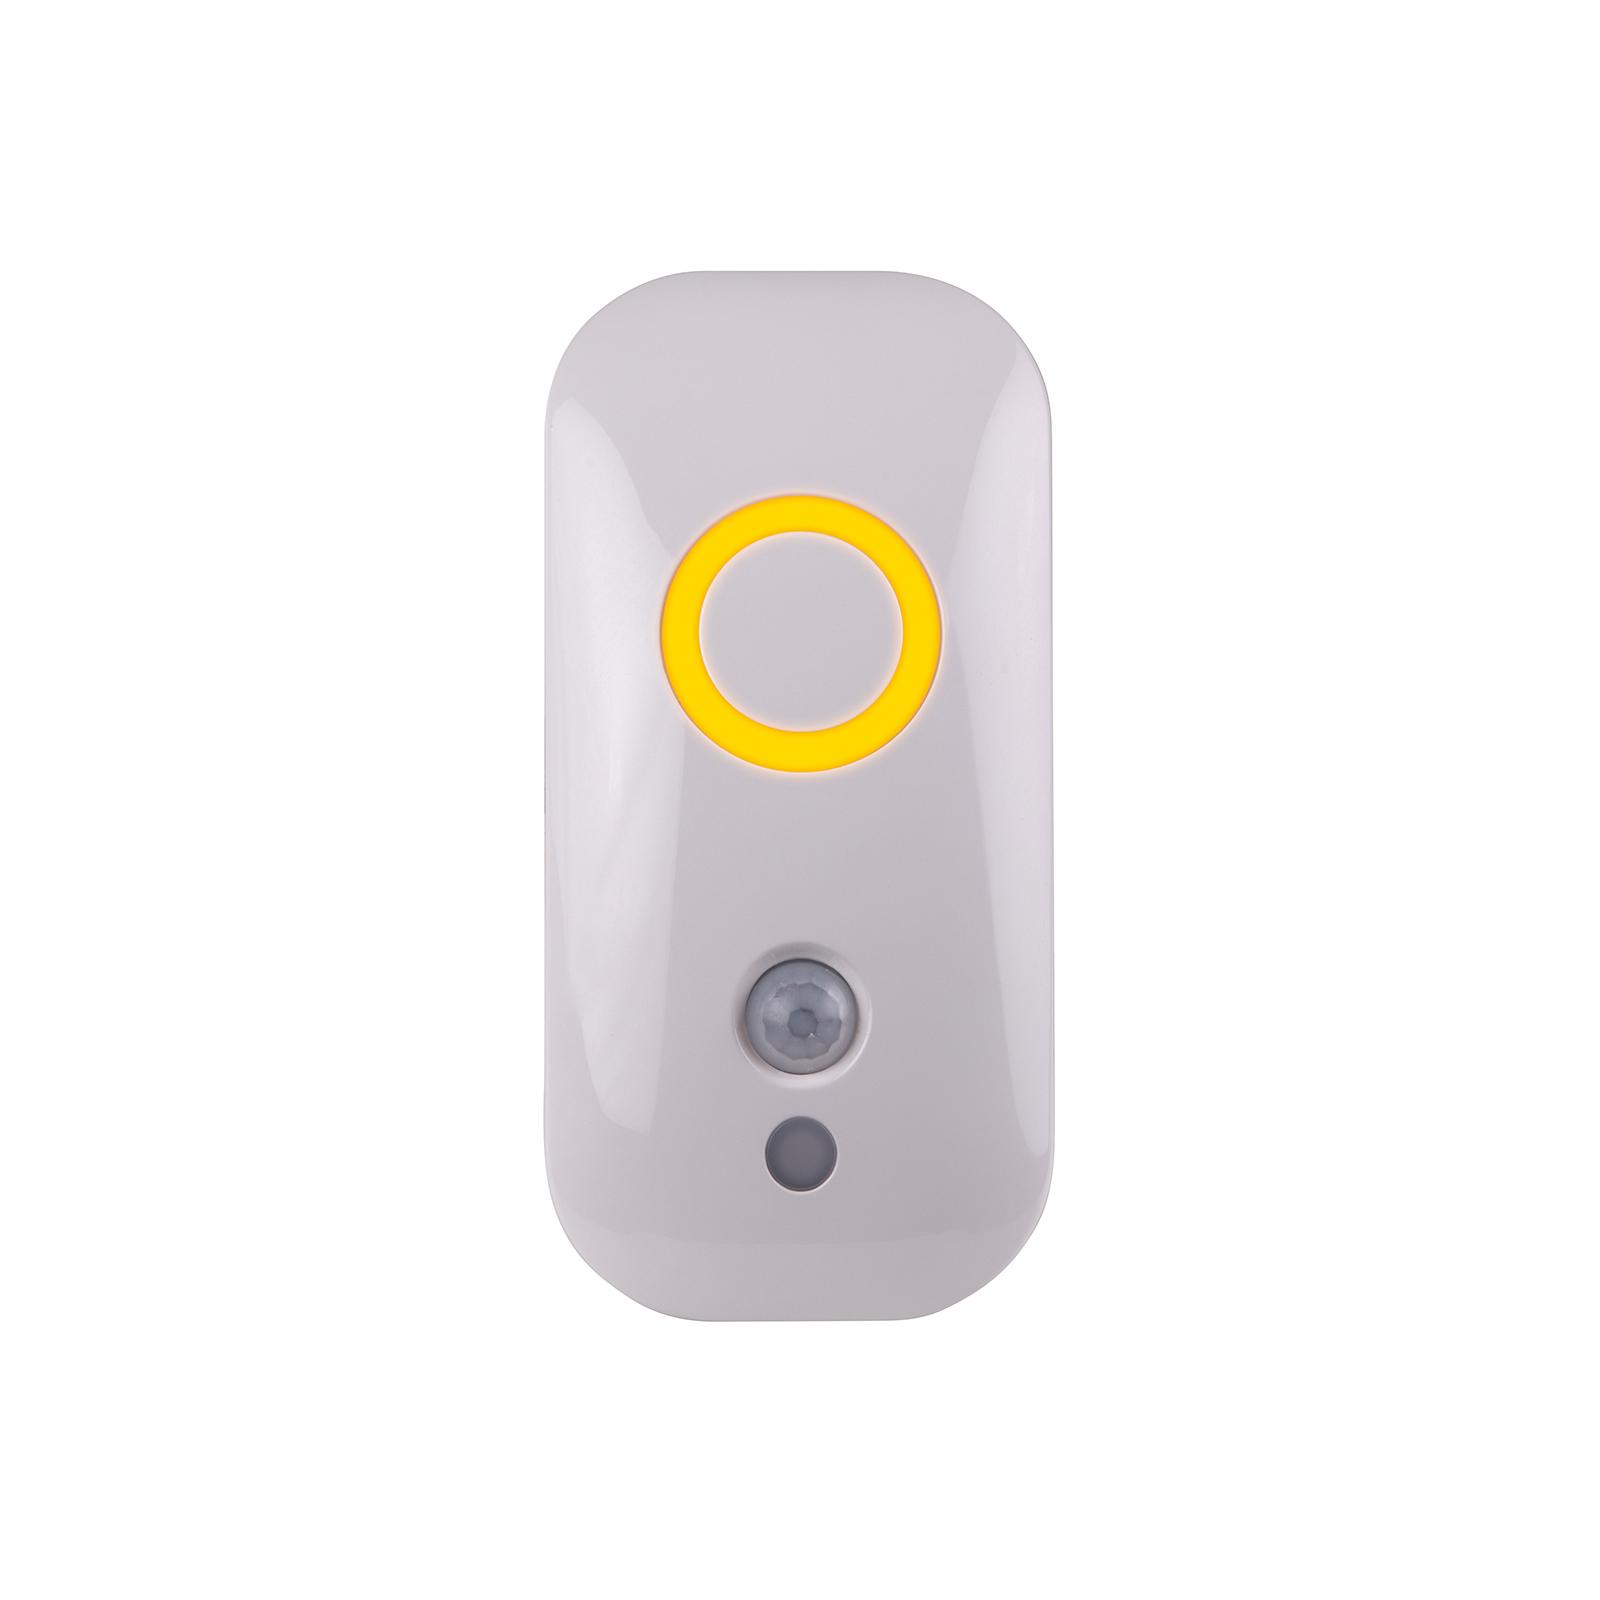 LED-Sensor-Nachtlicht Agena für die Steckdose